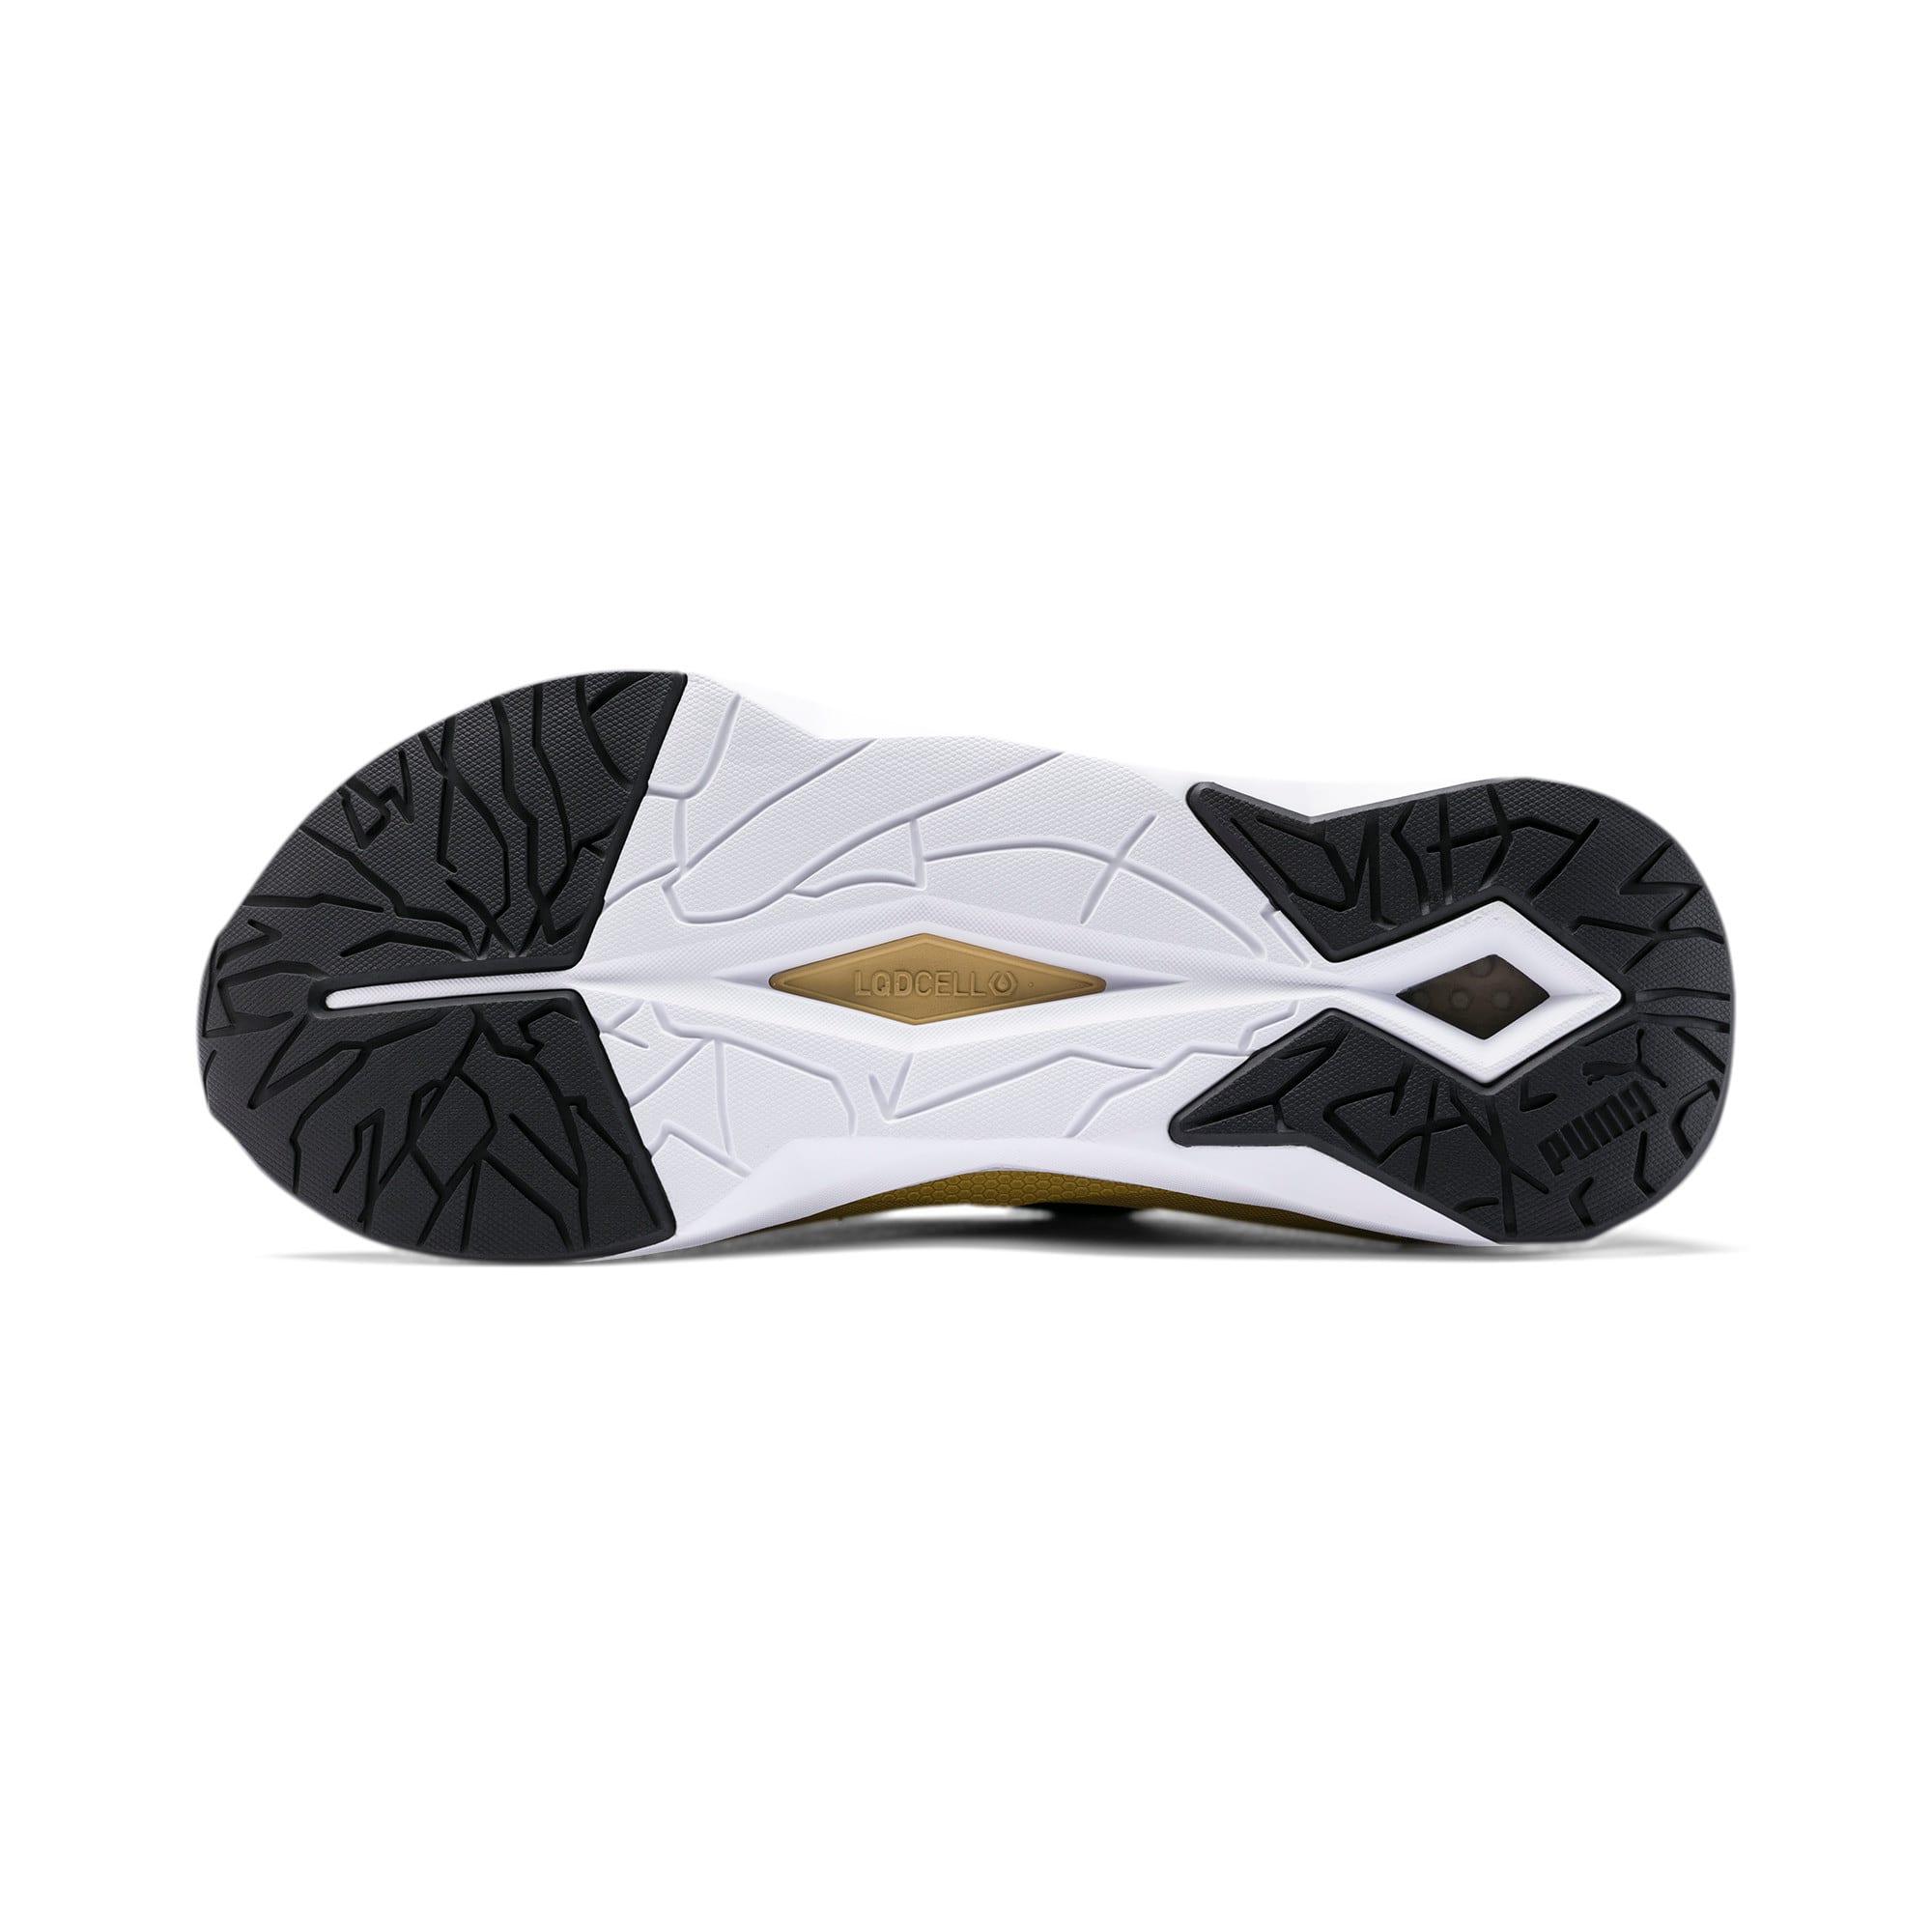 Thumbnail 4 of Shatter XT Matte LQDCELL Women's Running Shoes, Puma Black-Puma Team Gold, medium